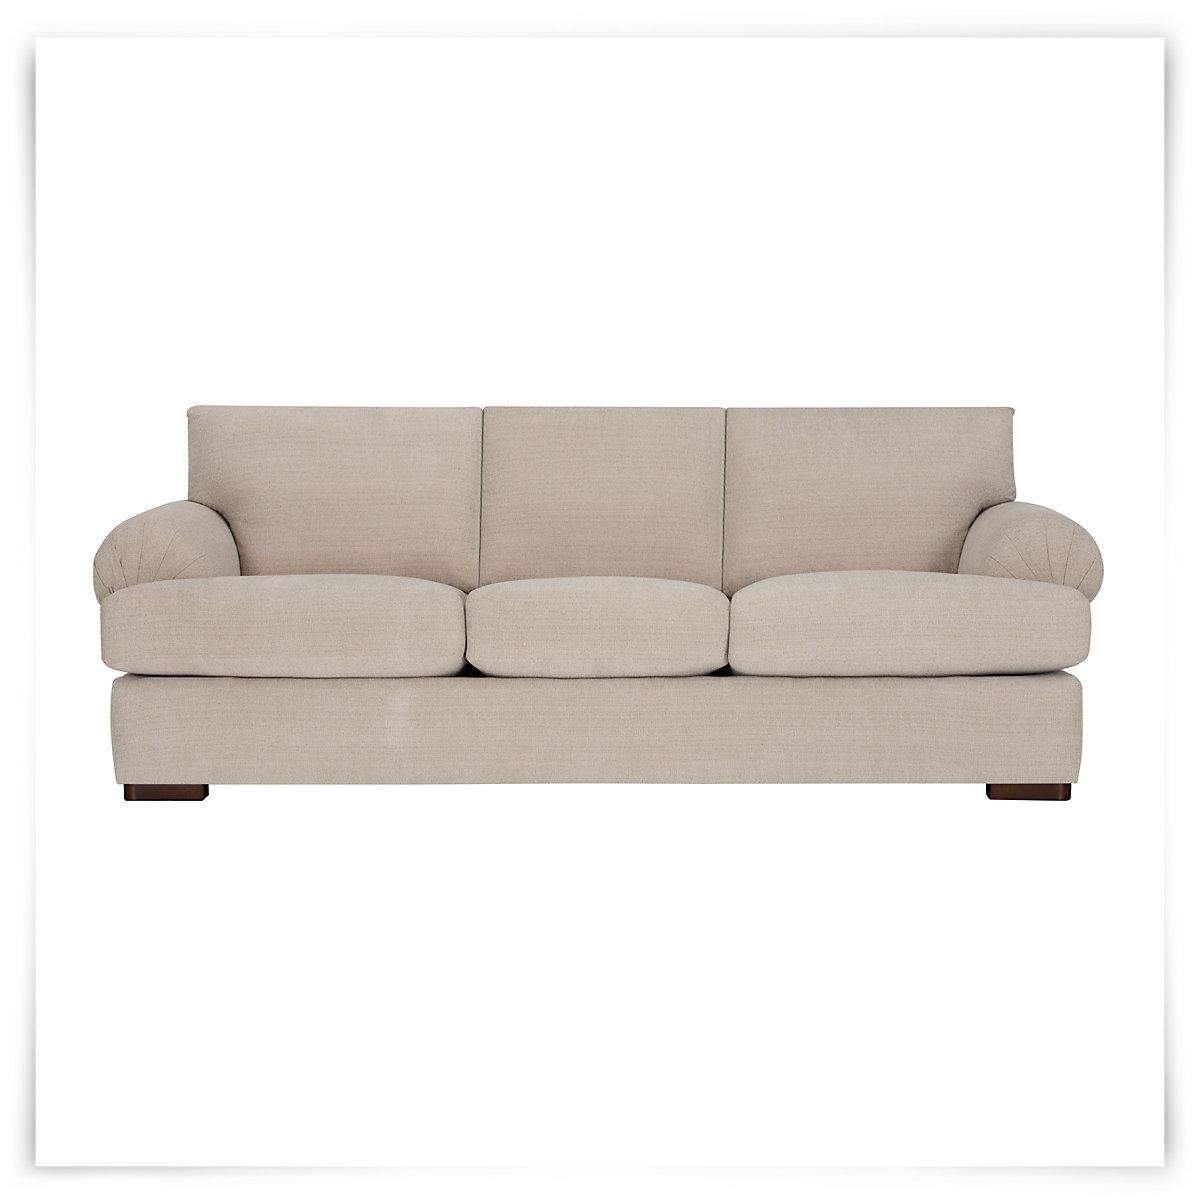 City Furniture Belair Lt Taupe Microfiber Sofa